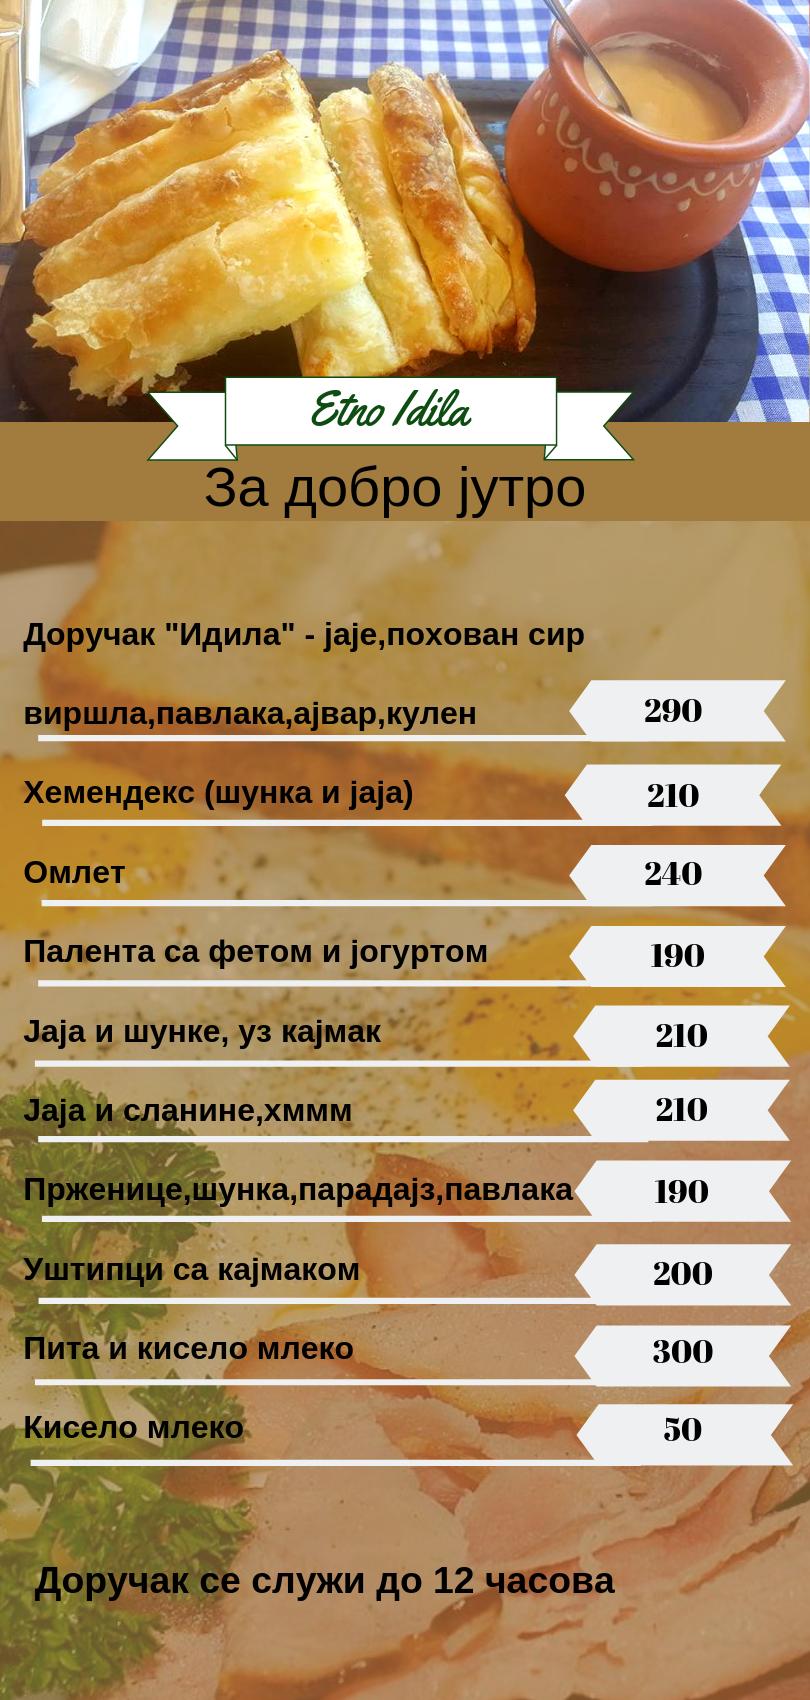 etno idila hrana(3)